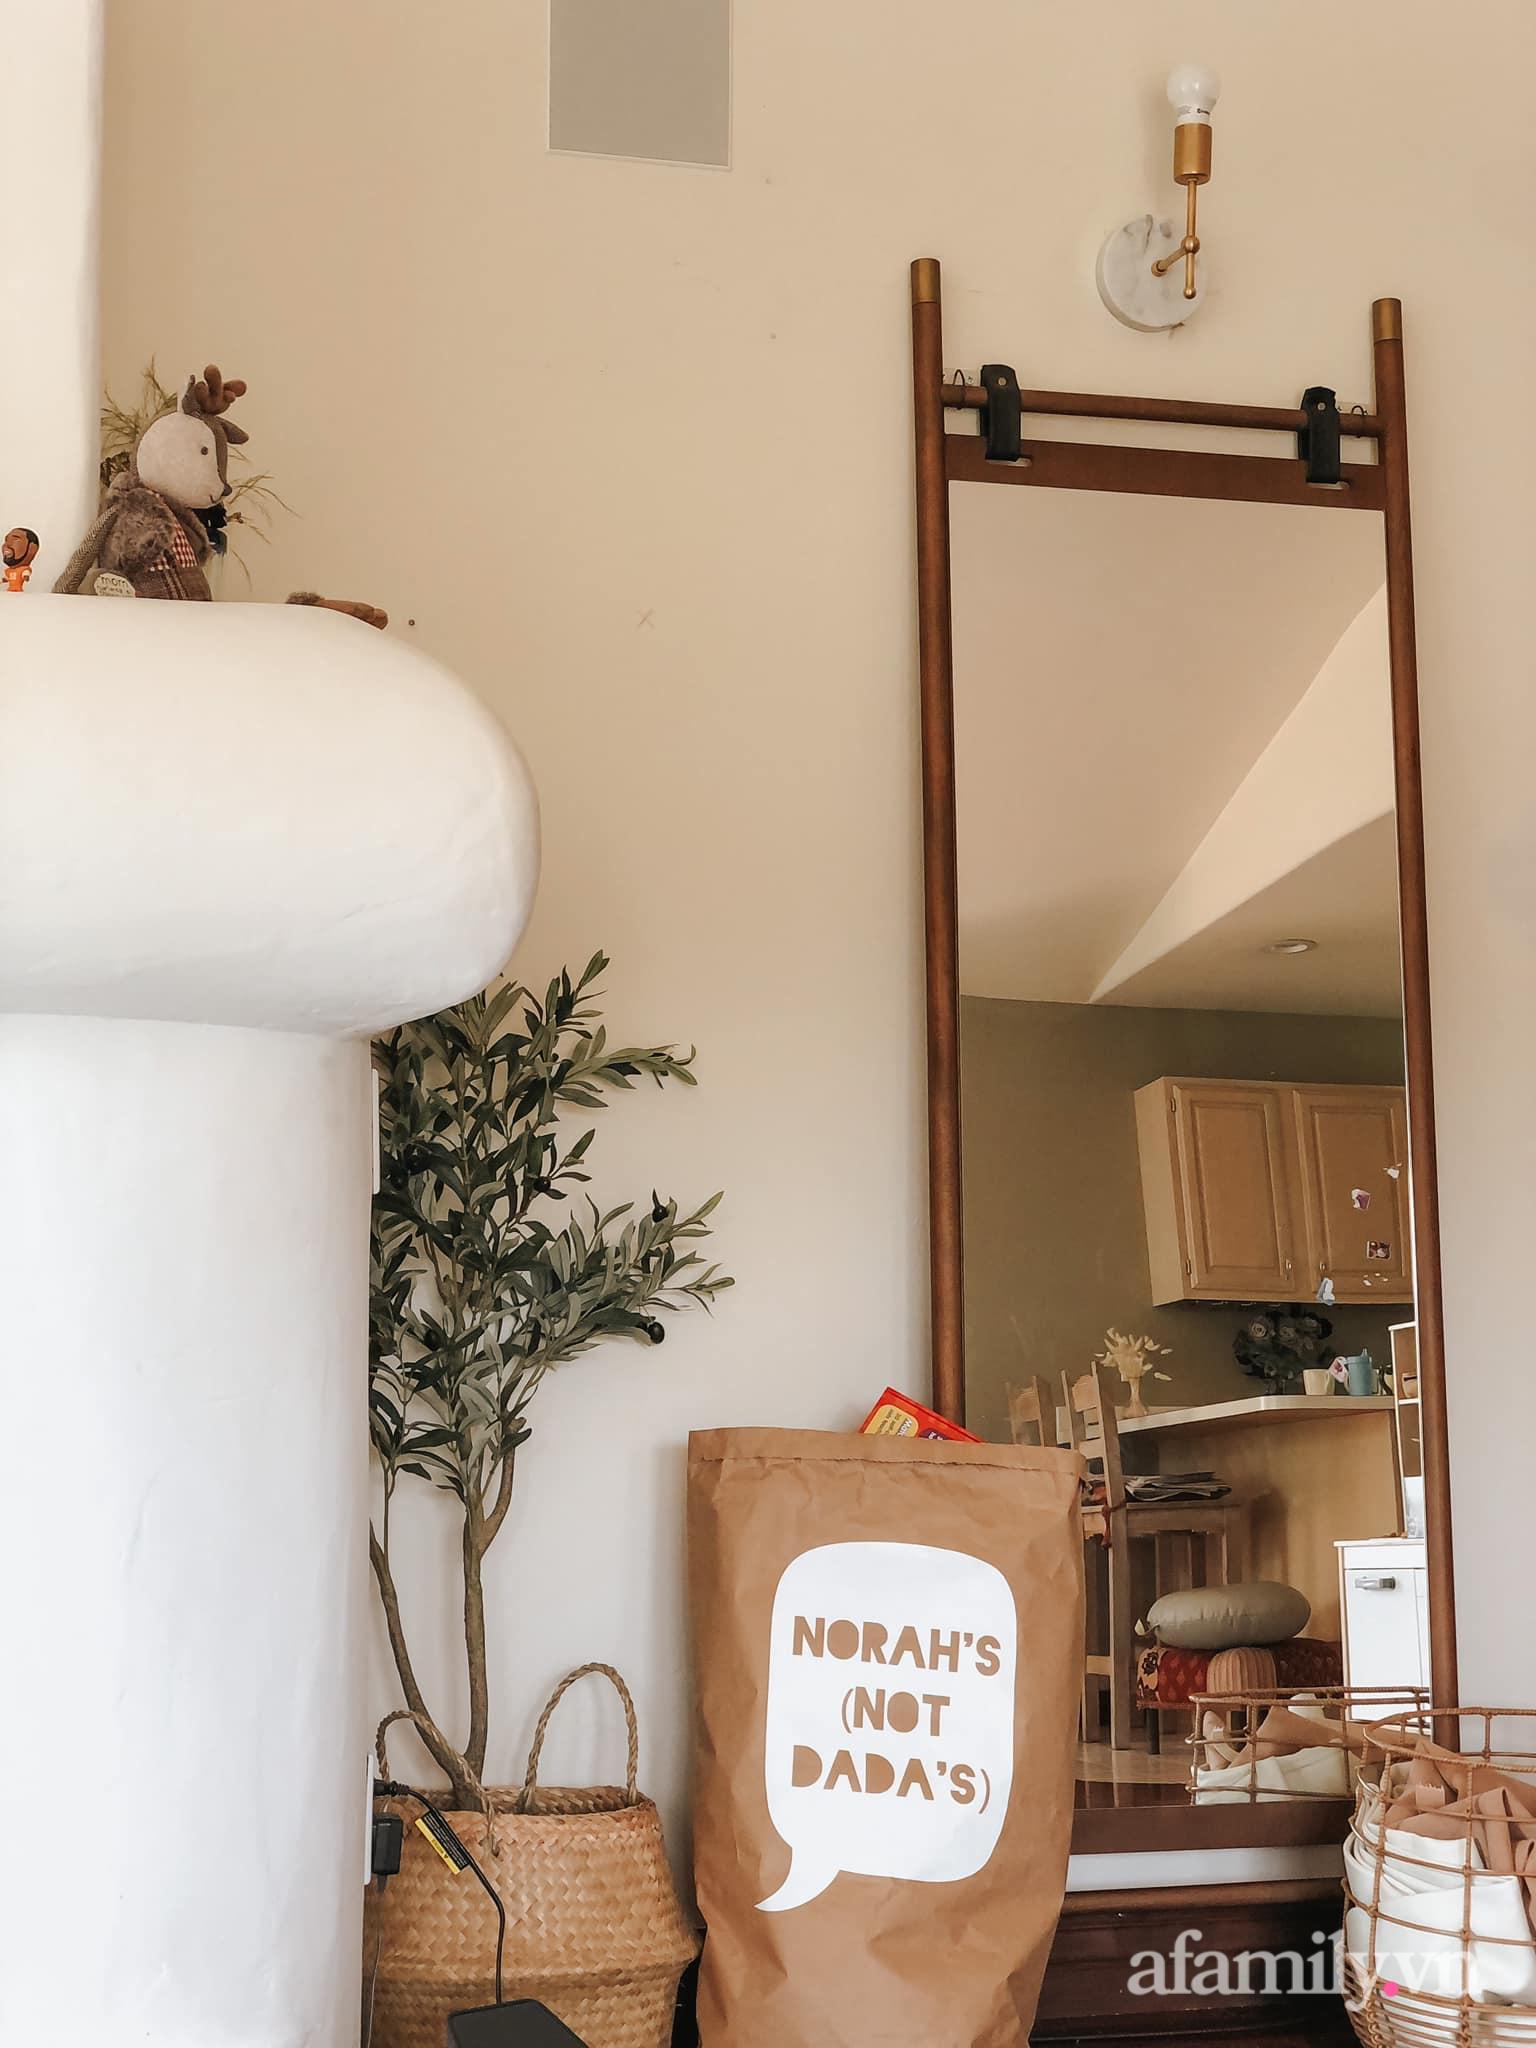 Căn nhà gói những bình yên đẹp như bài thơ với ánh nắng ngập tràn quanh năm của mẹ Việt ở Mỹ - Ảnh 10.